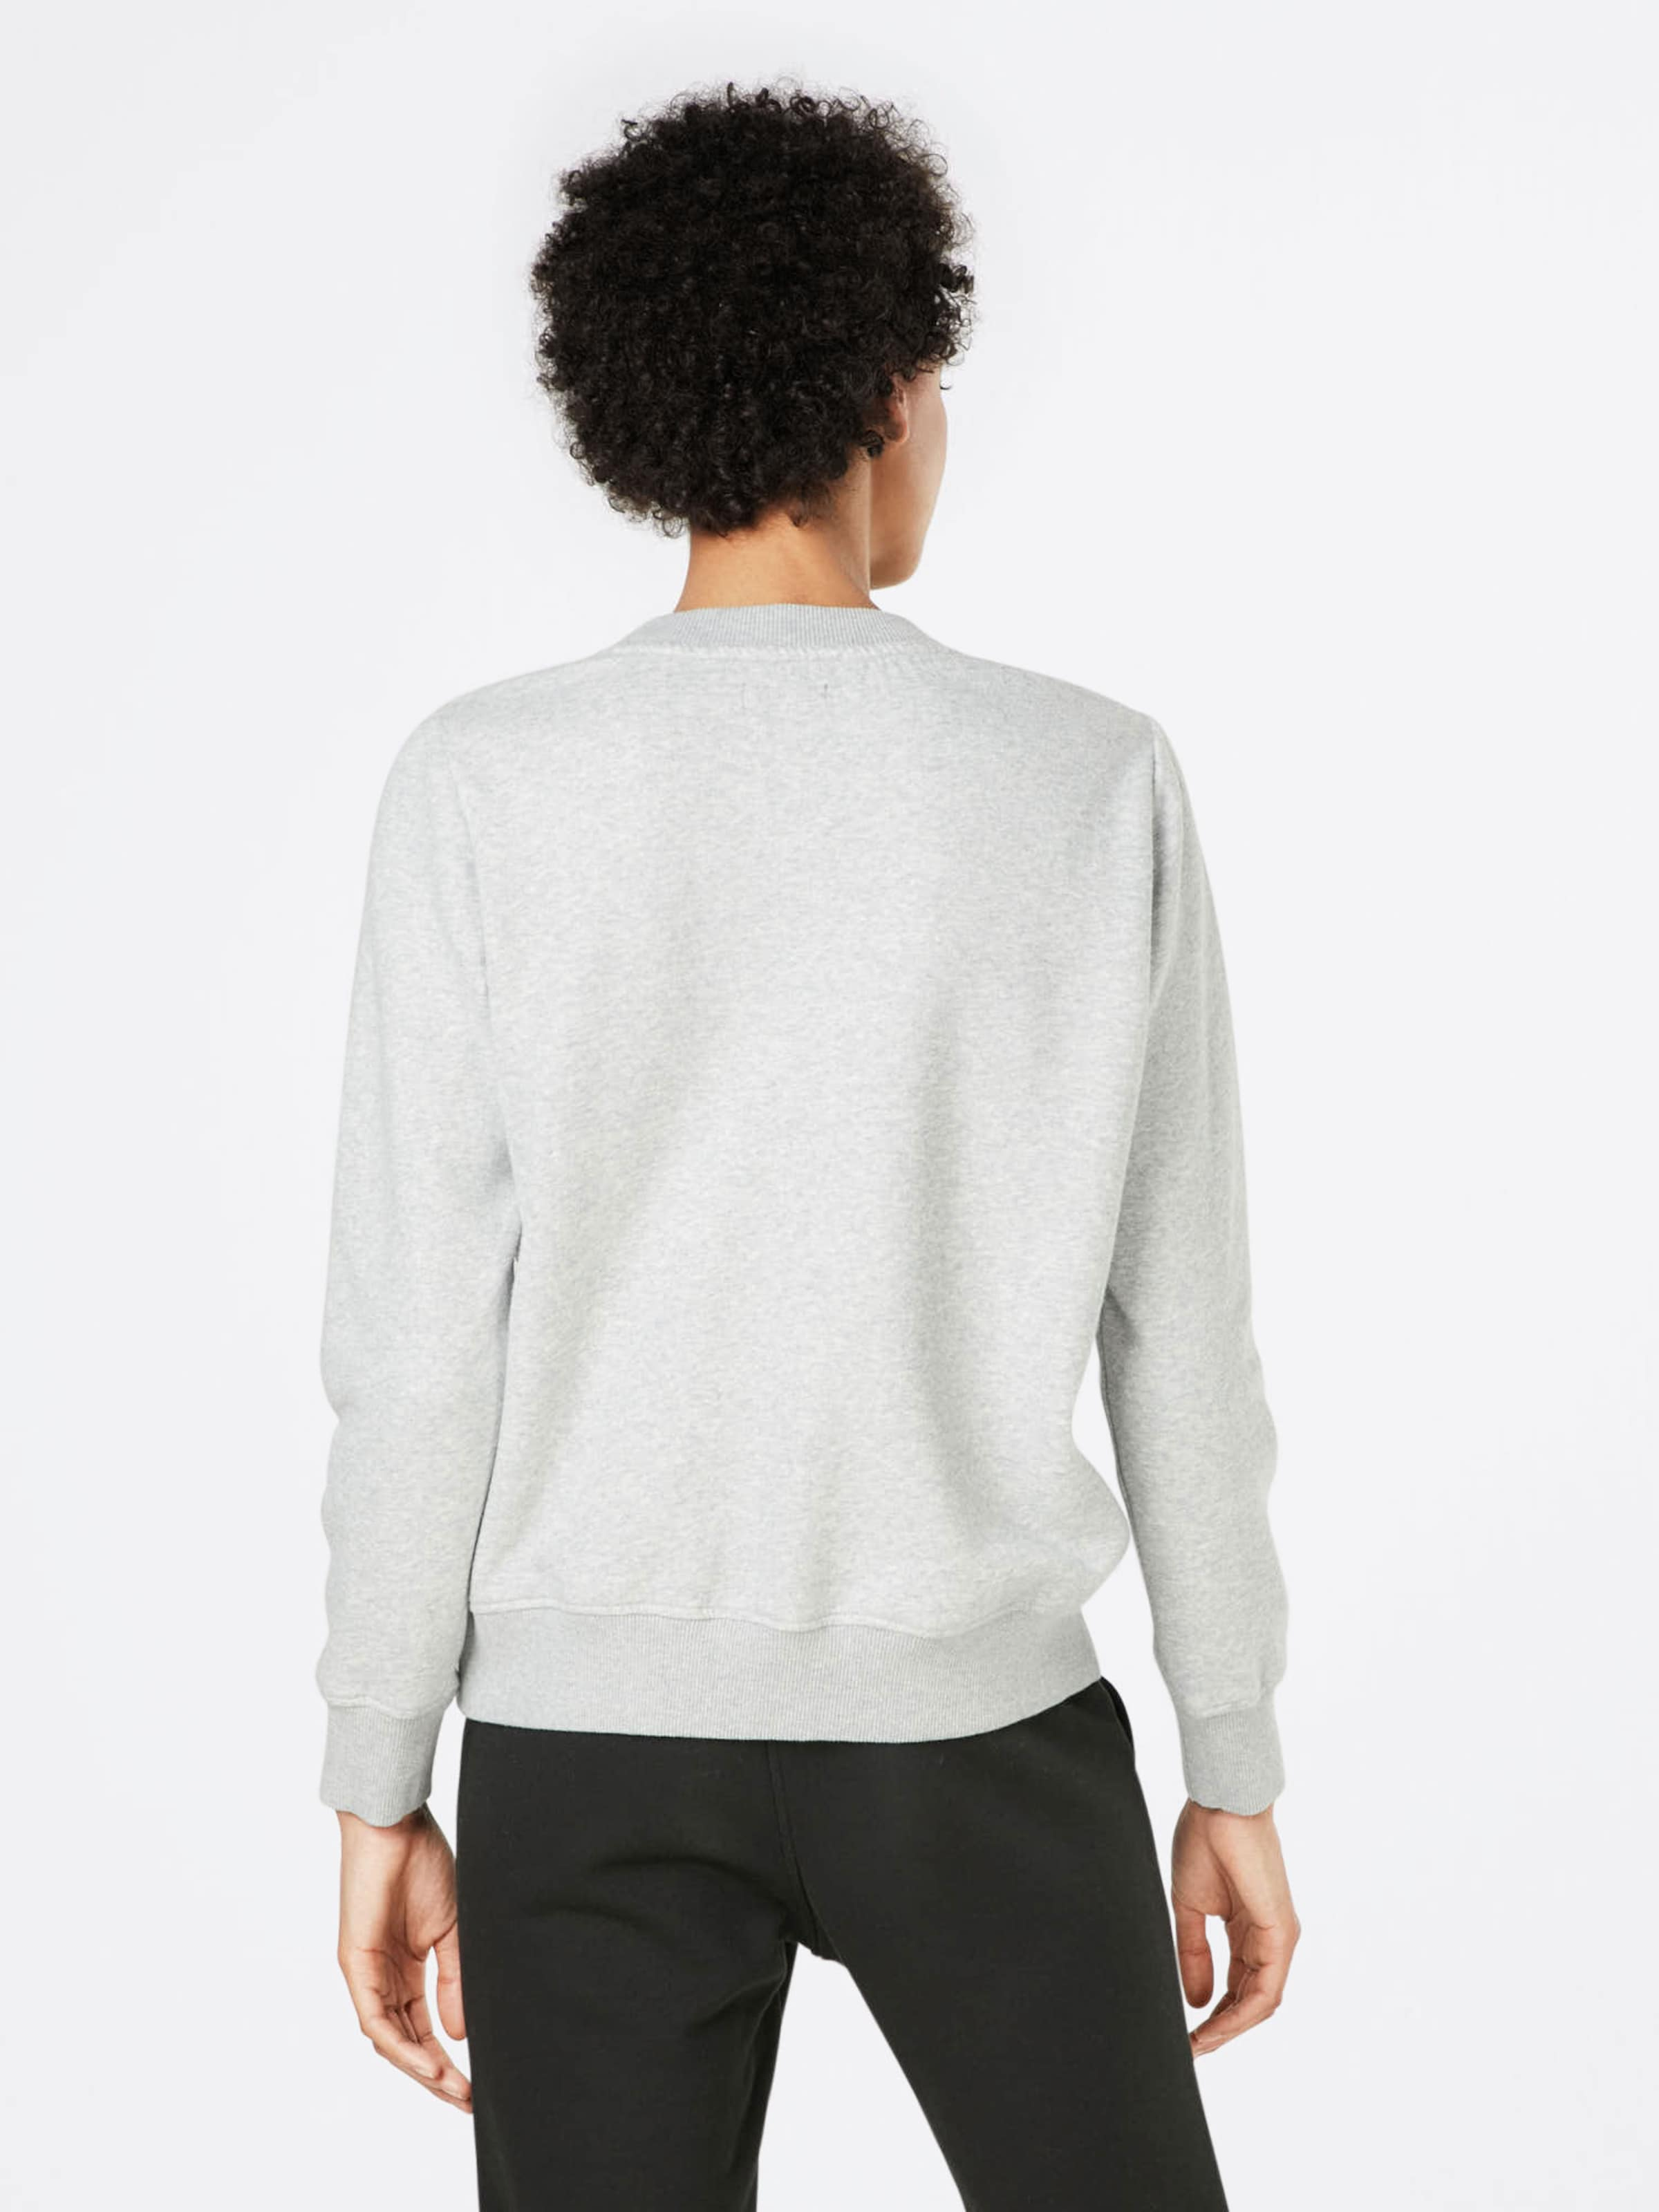 Freies Verschiffen Bester Verkauf Verkauf 2018 Neue Calvin Klein Jeans Sweatshirt 'HONDI CALVIN' Billig Verkauf Beliebt AIB7J